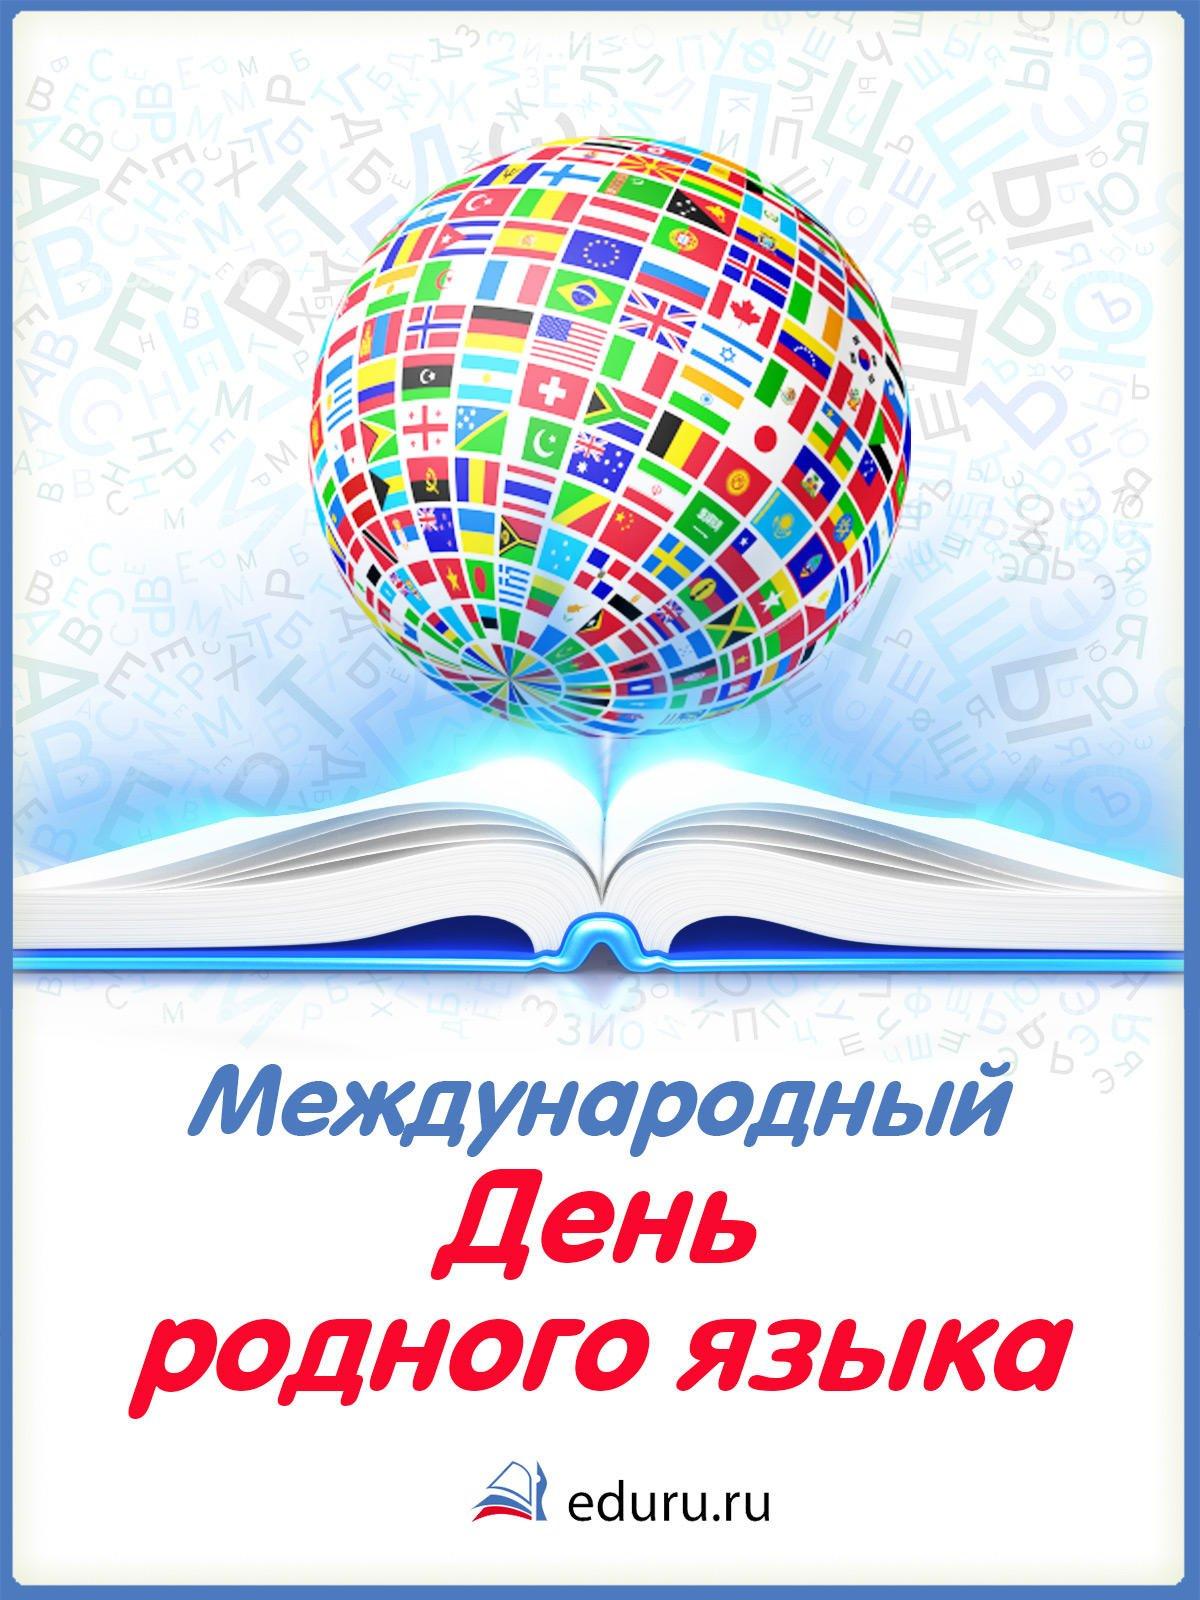 Картинки ко дню родного языка, успехом счастьем